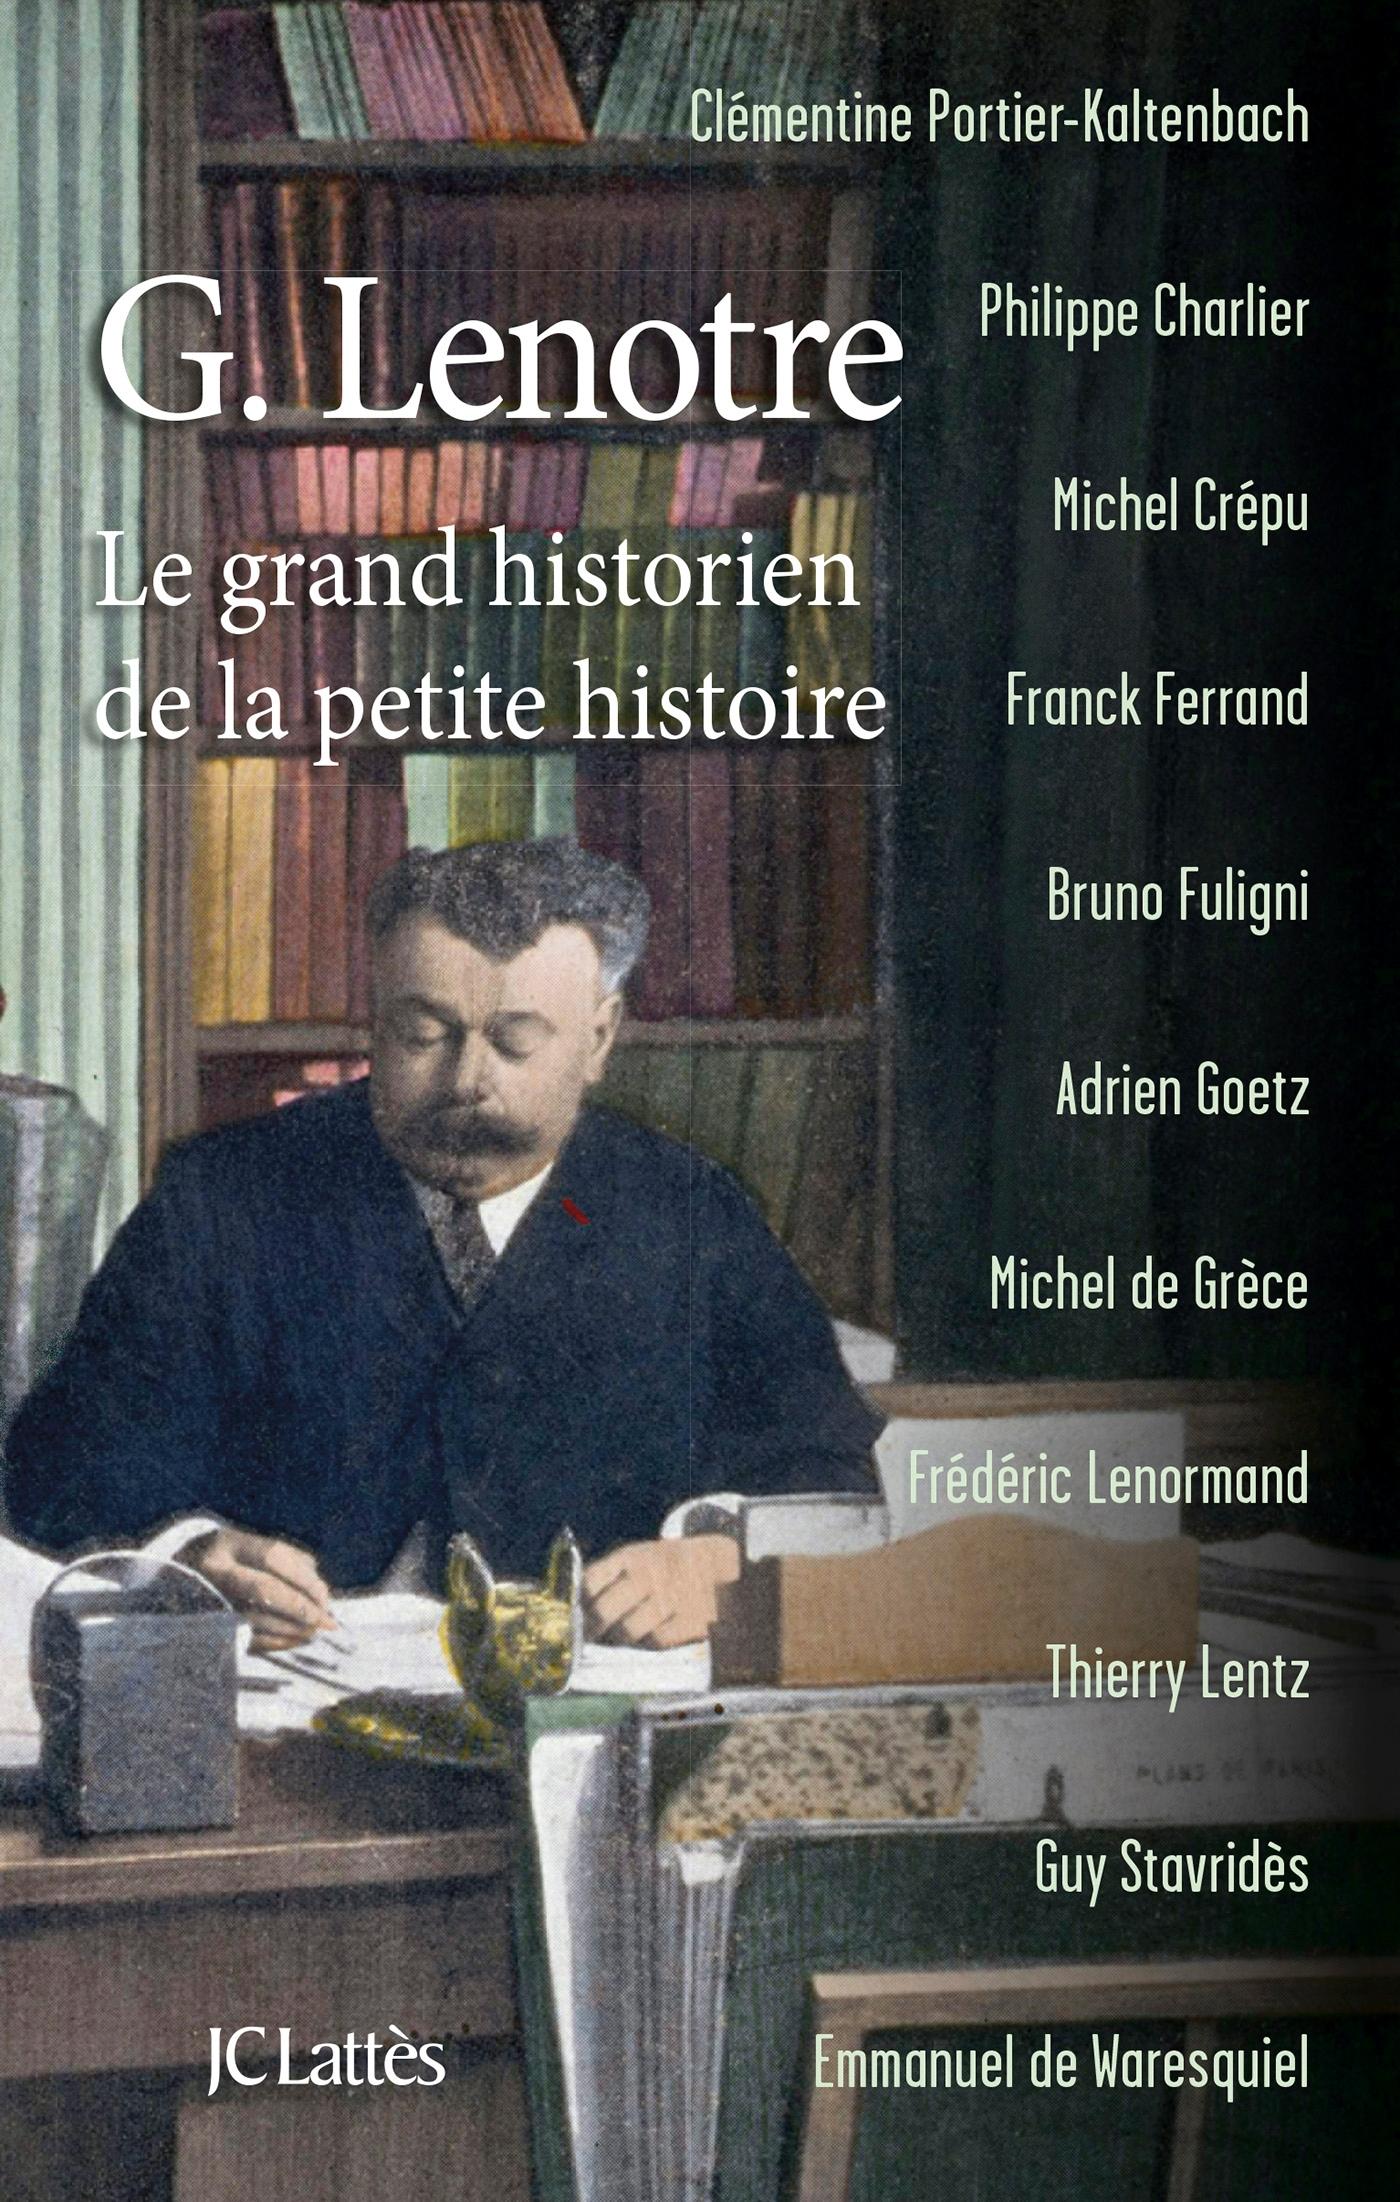 G.LENOTRE  LE GRAND HISTORIEN DE LA PETITE HISTOIRE